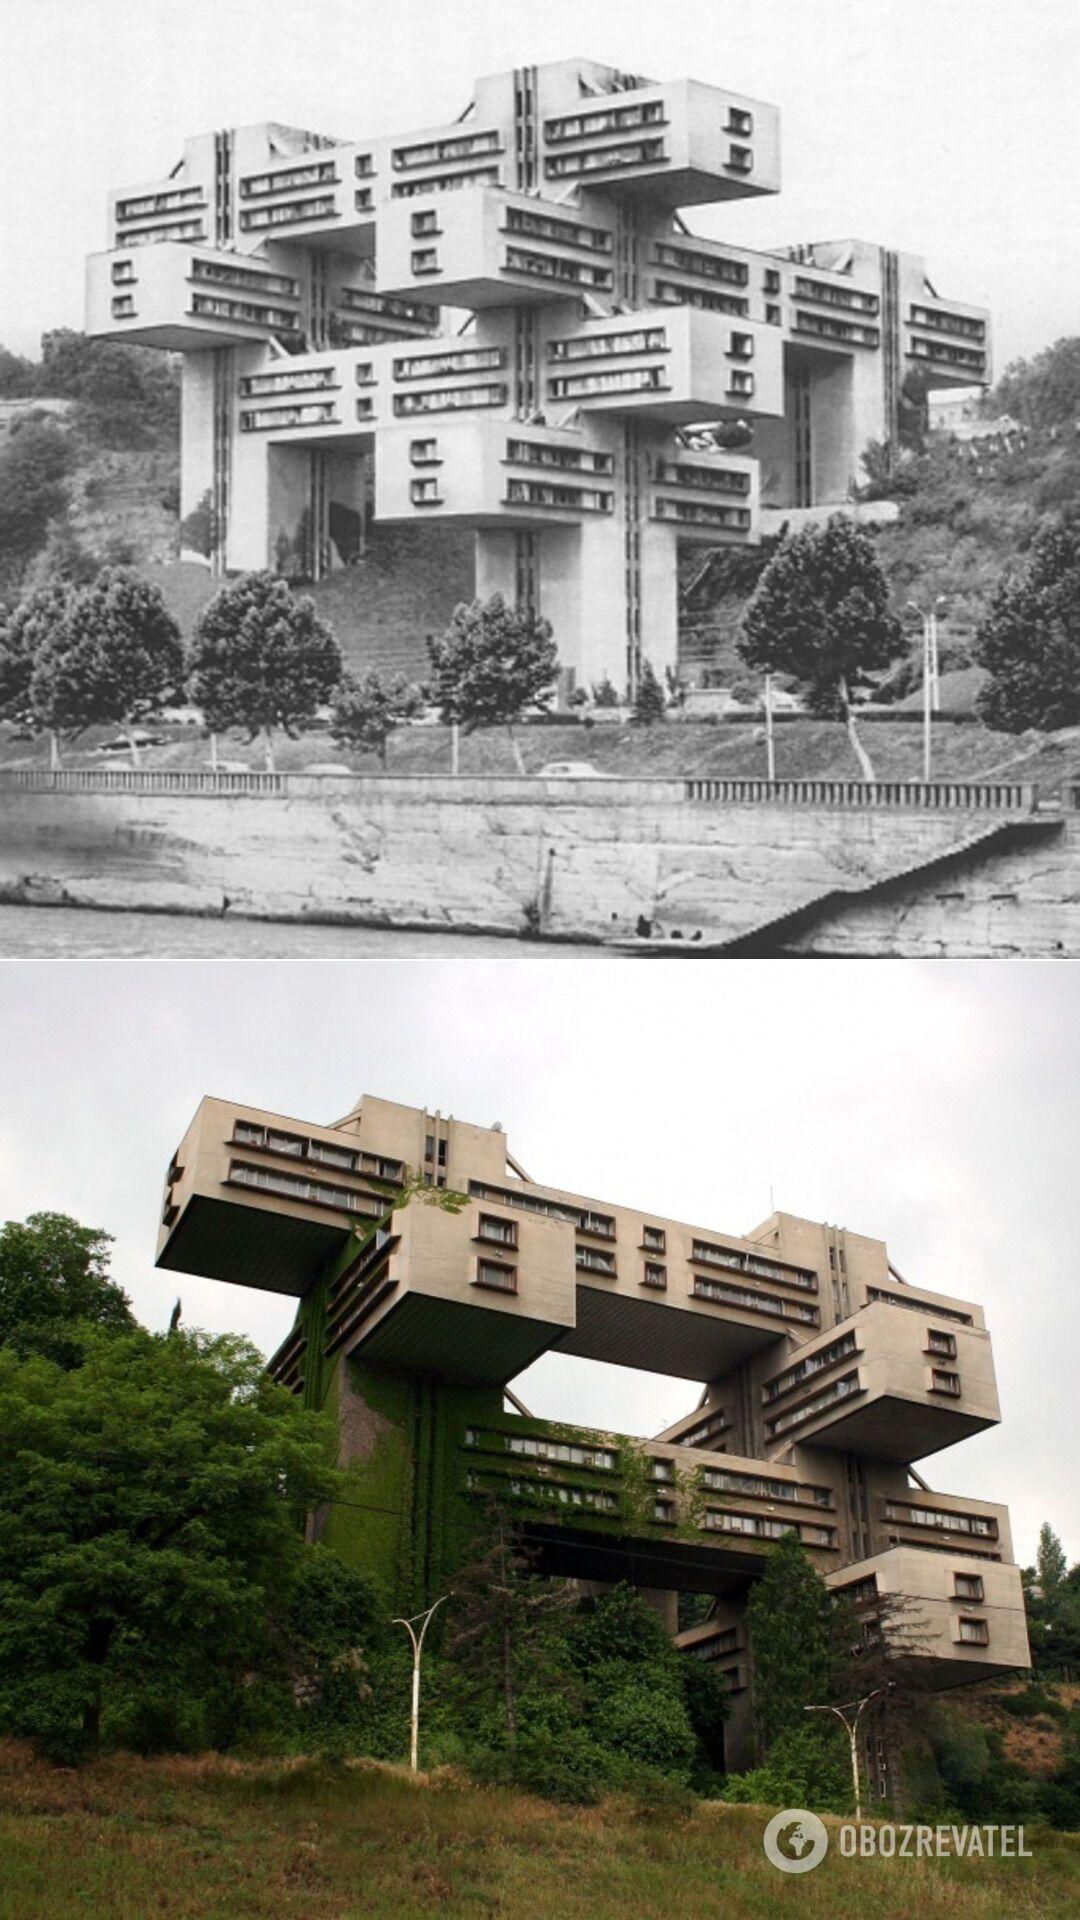 Инженерный корпус Министерства автомобильных дорог Грузинской ССР, Тбилиси (Грузия), 1975 год